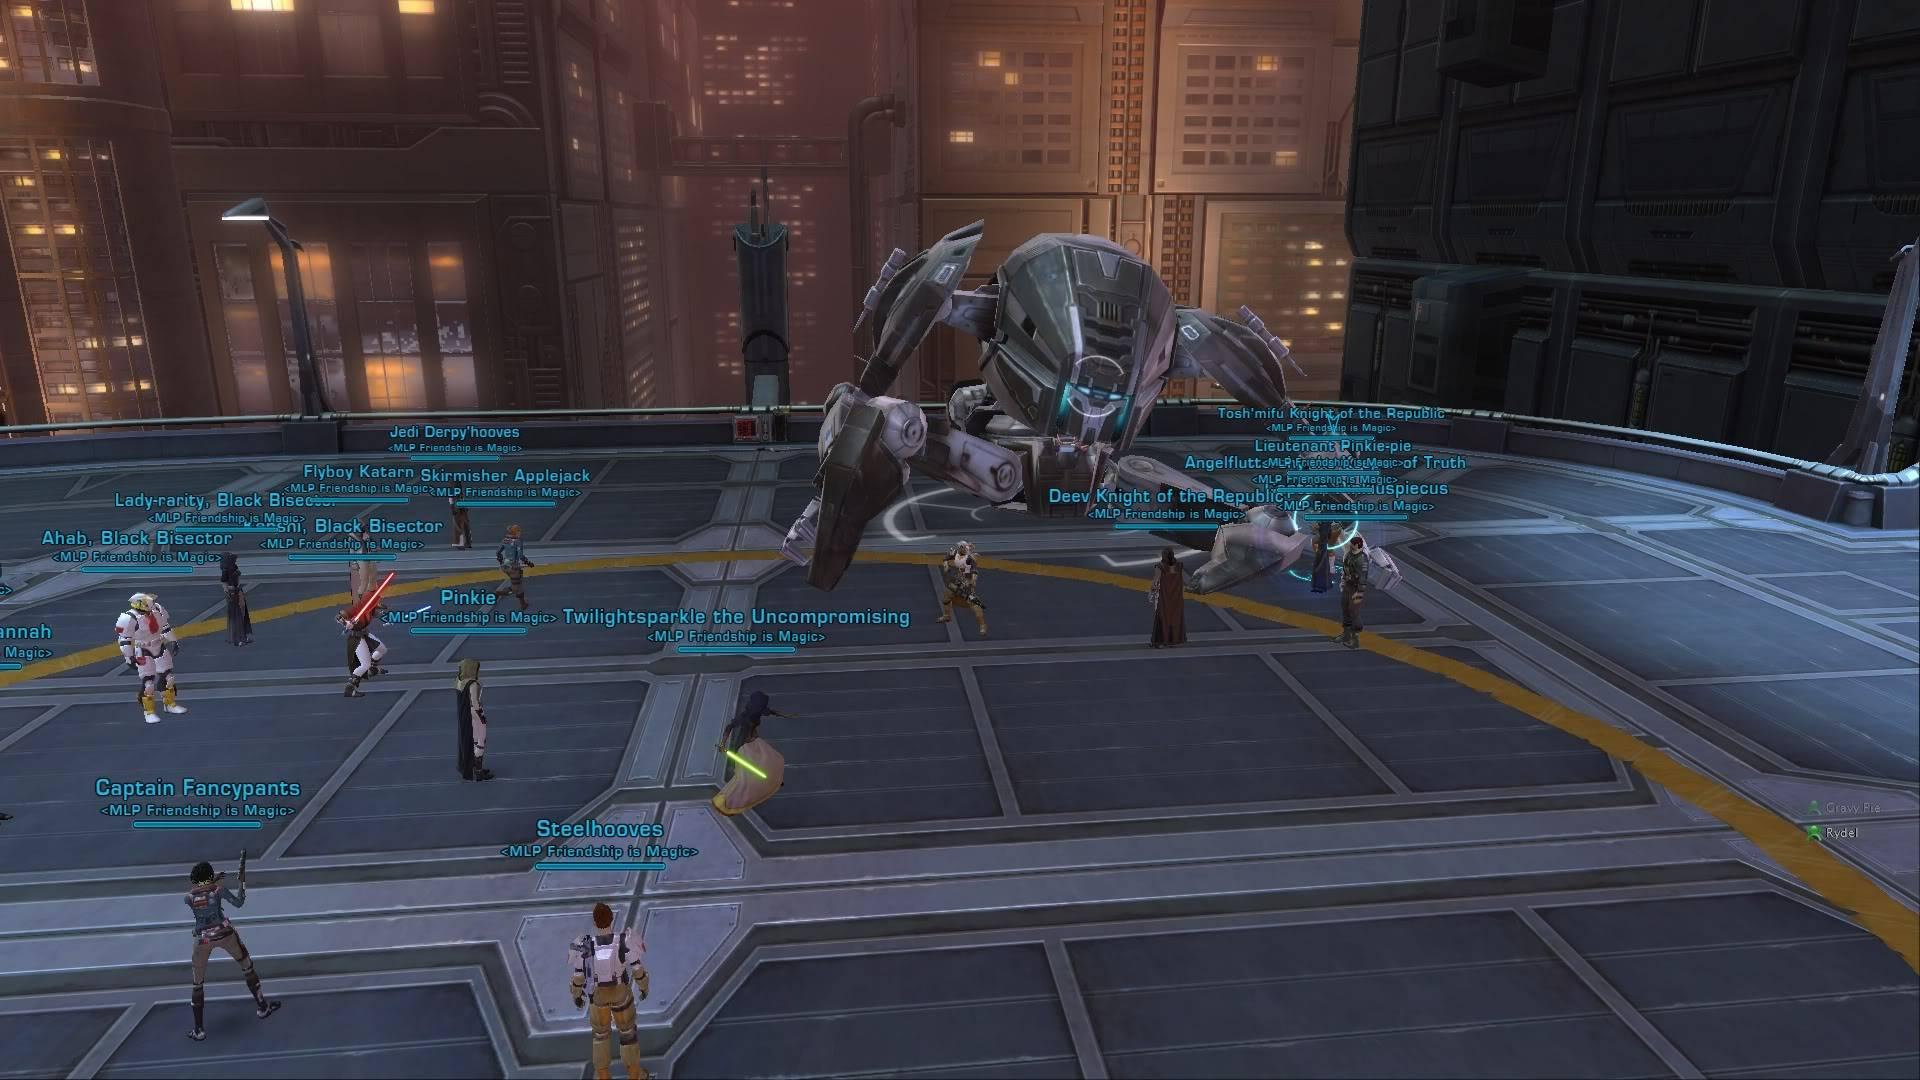 [OLD] Server First: SD-0 World Boss Screenshot_2011-12-15_22_09_10_896967